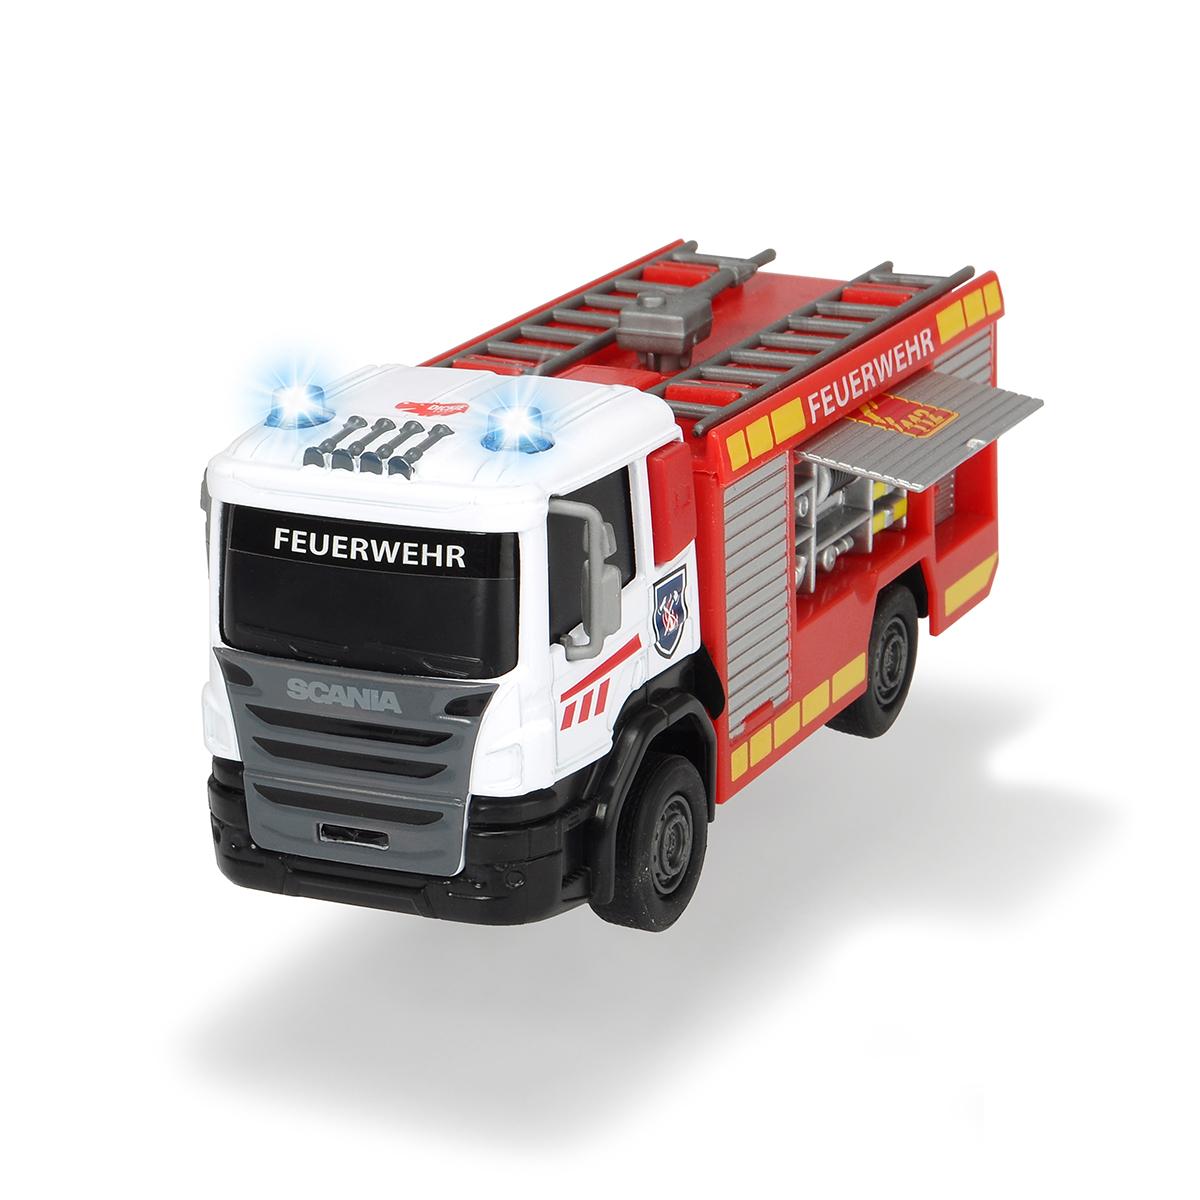 Купить Dickie Toys Пожарная машинка SCANIA die-cast 17 см, свет, звук, 3712016, Китай